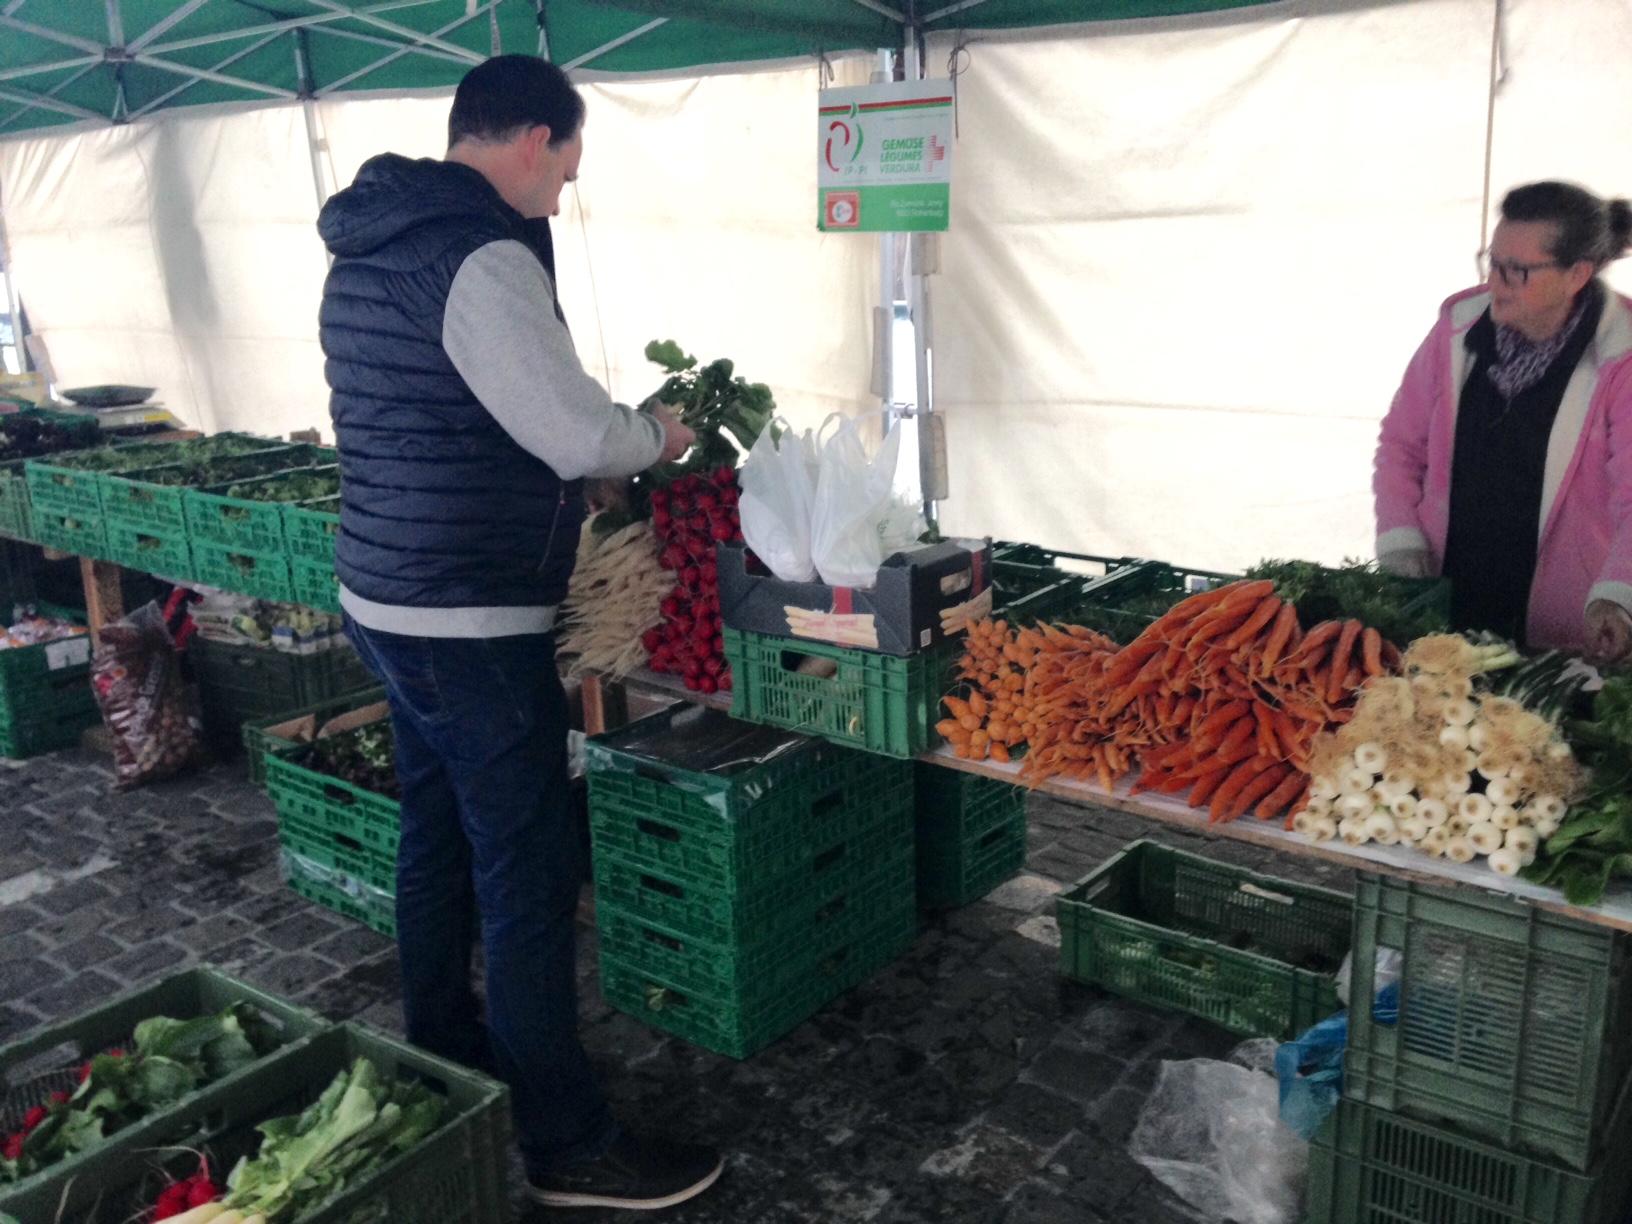 Raphael Tuor inspiziert bei einem Gemüsehändler auf dem Luzerner Wochenmarkt die Pariser Karotten (Bild: bas/zentralplus).